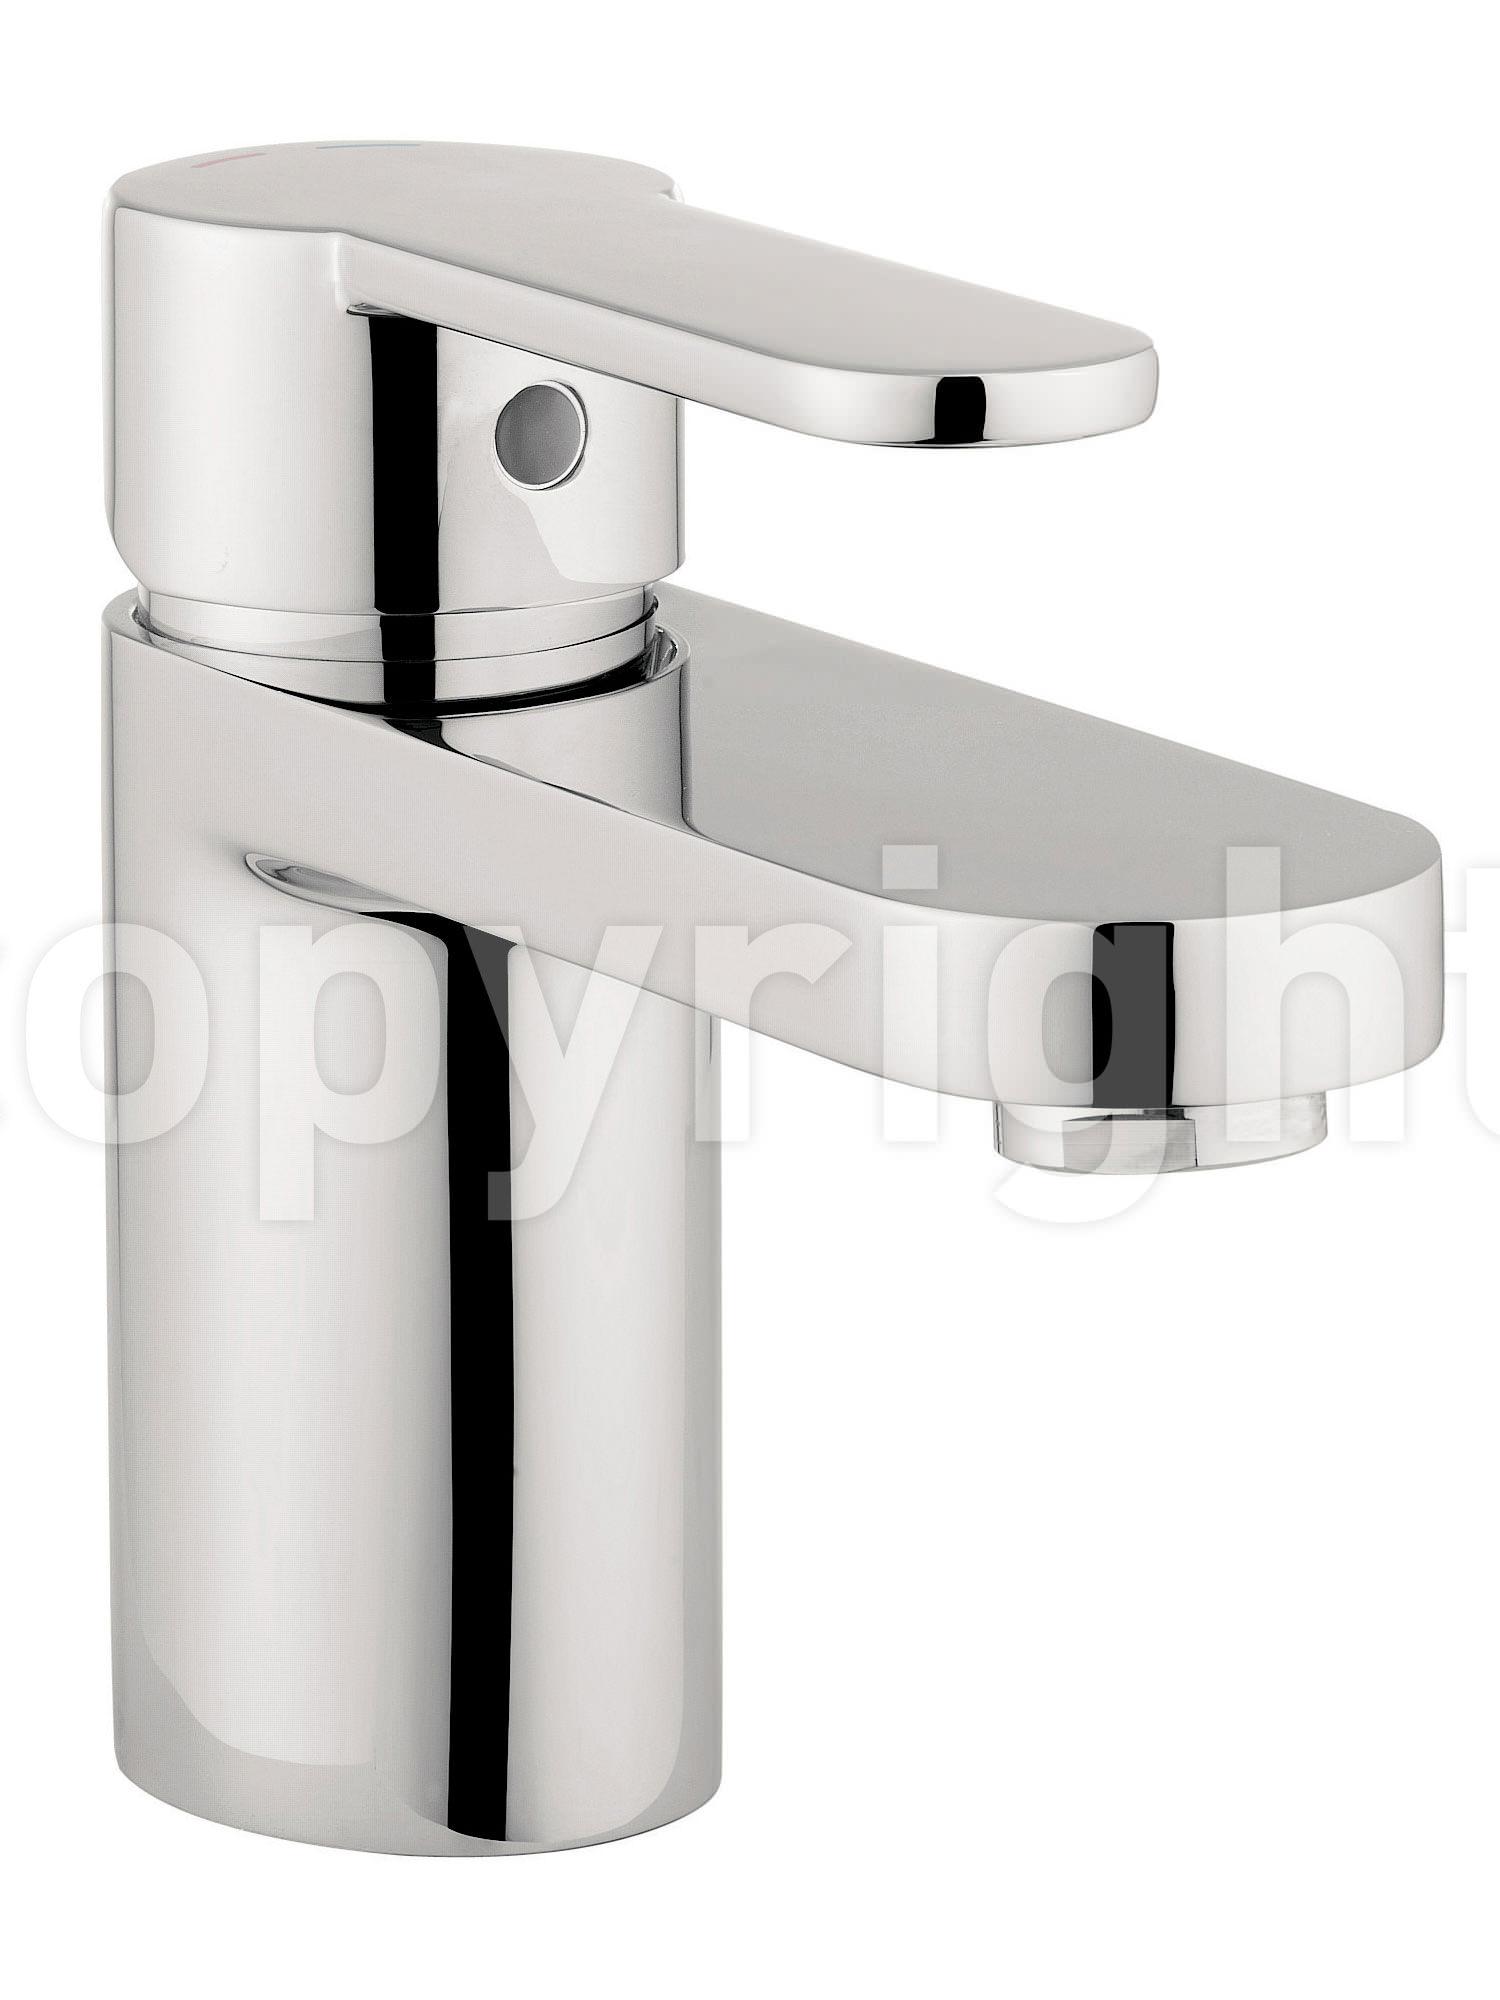 Crosswater Central Monobloc Basin Mixer Tap Chrome Ce110dnc